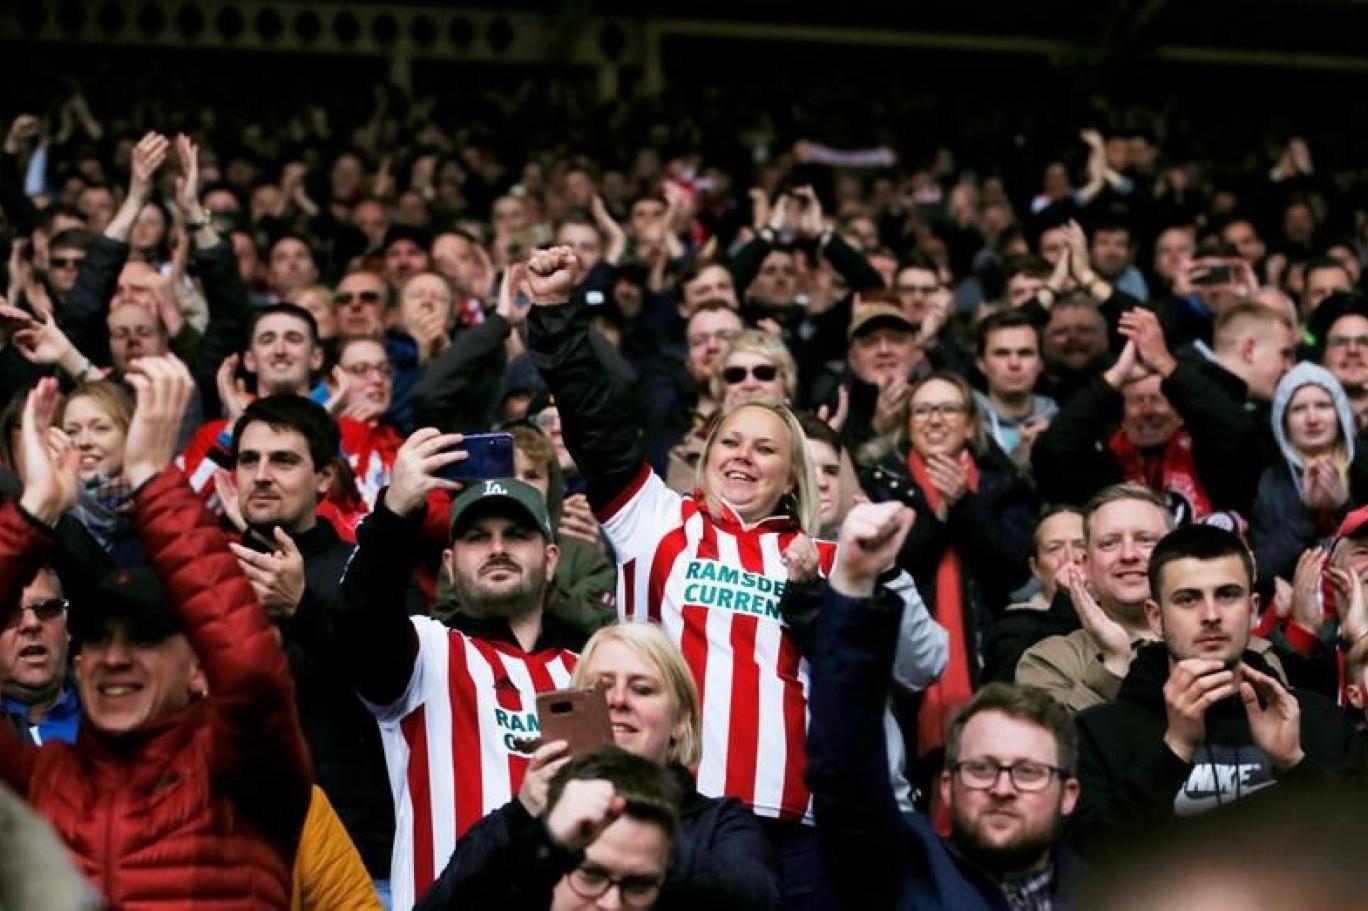 شيفيلد يونايتد يصعد إلى الدوري الإنجليزي الممتاز بعد تعادل ليدز مع أستون فيلا اندبندنت عربية